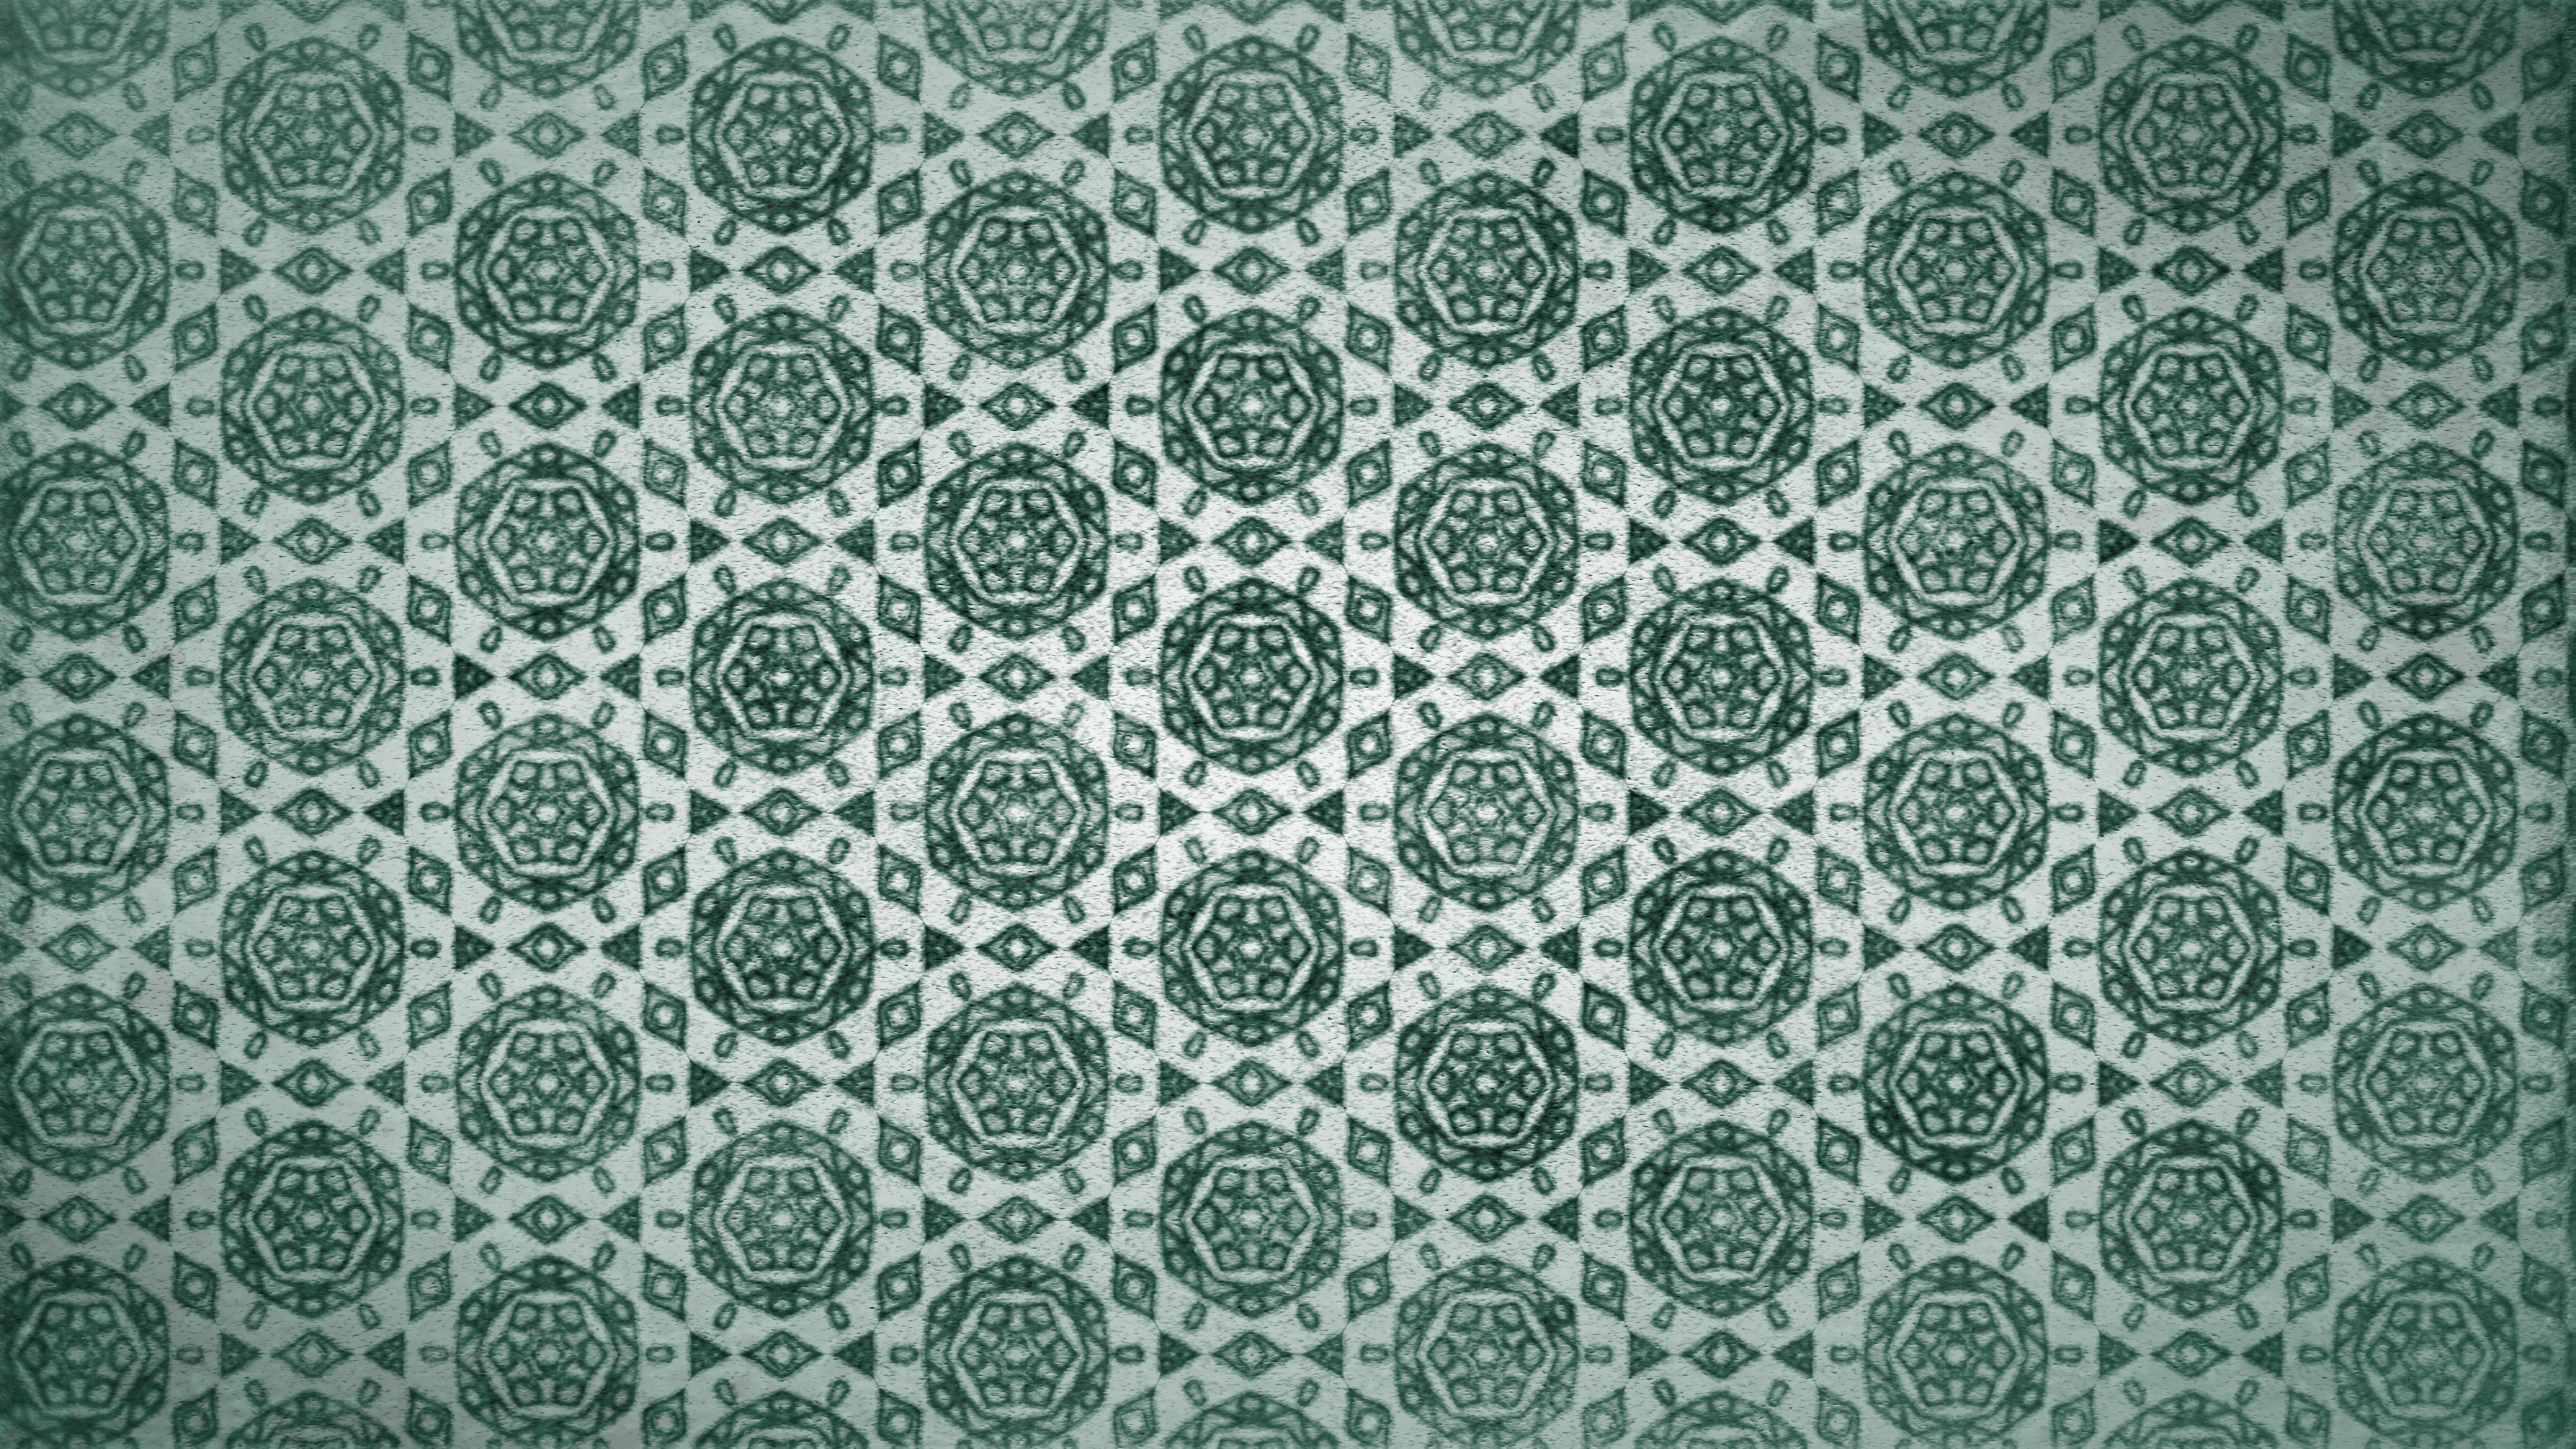 Green Vintage Floral Wallpaper Background